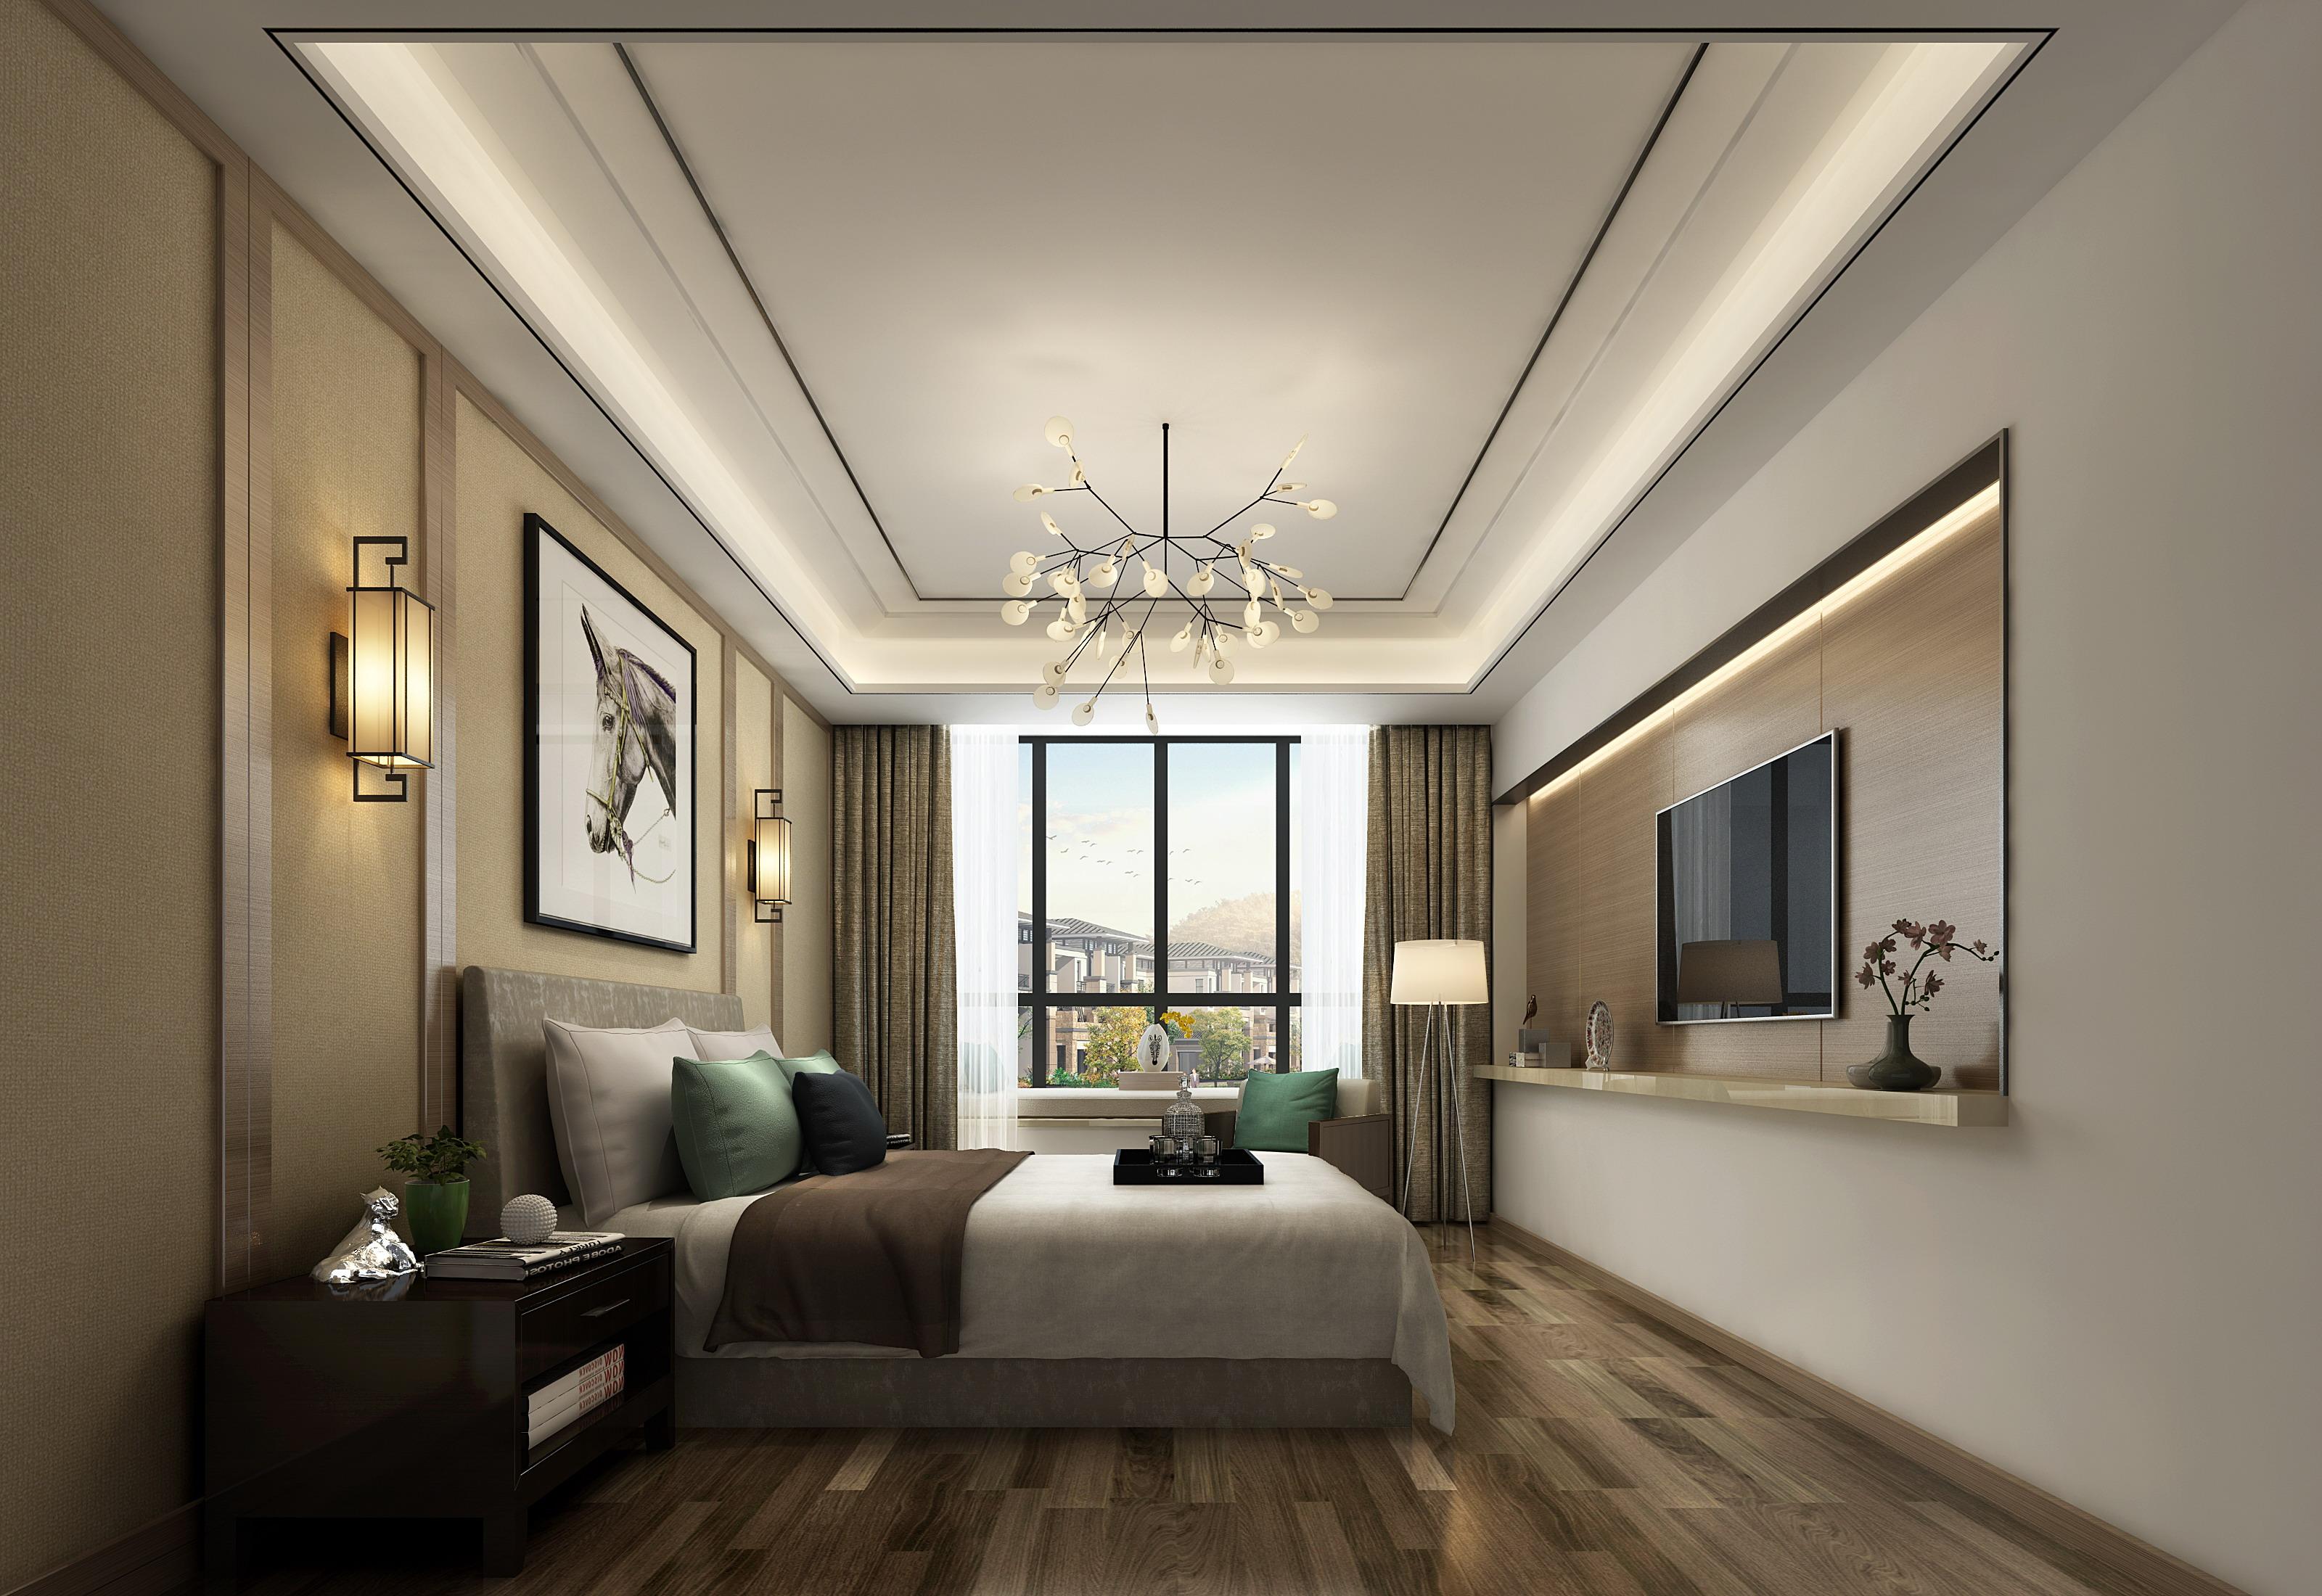 别墅 小资 卧室图片来自敏空间在浦东惠南镇私人别墅的分享